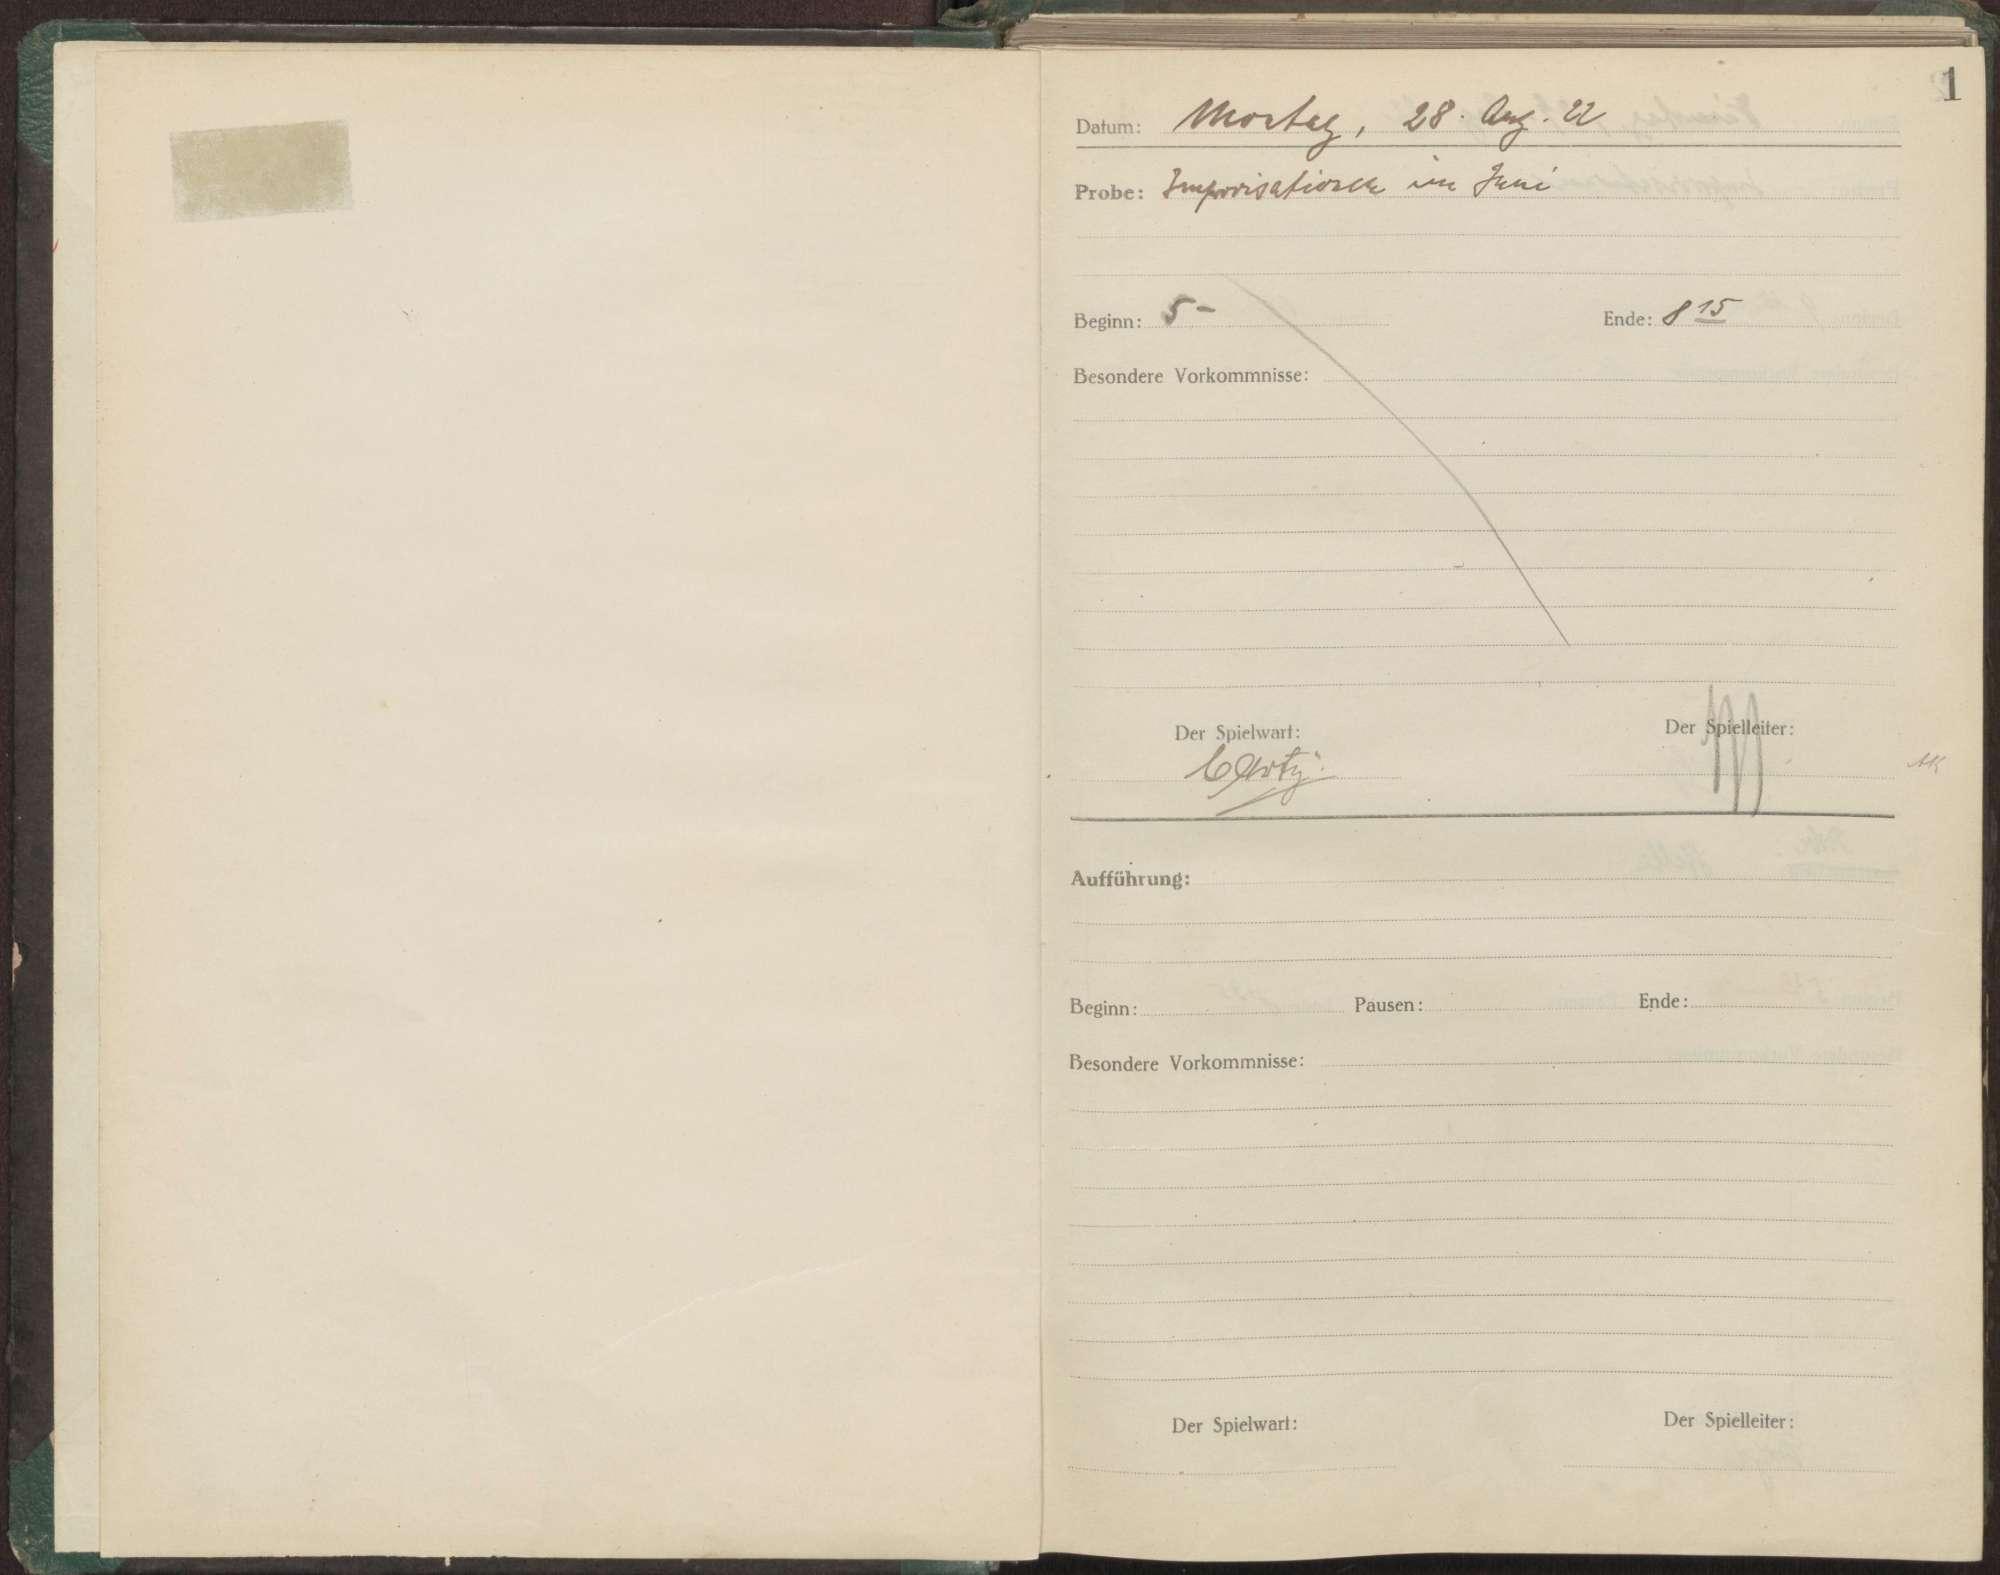 Proben- und Aufführungsbuch 1922/1923, Bild 3